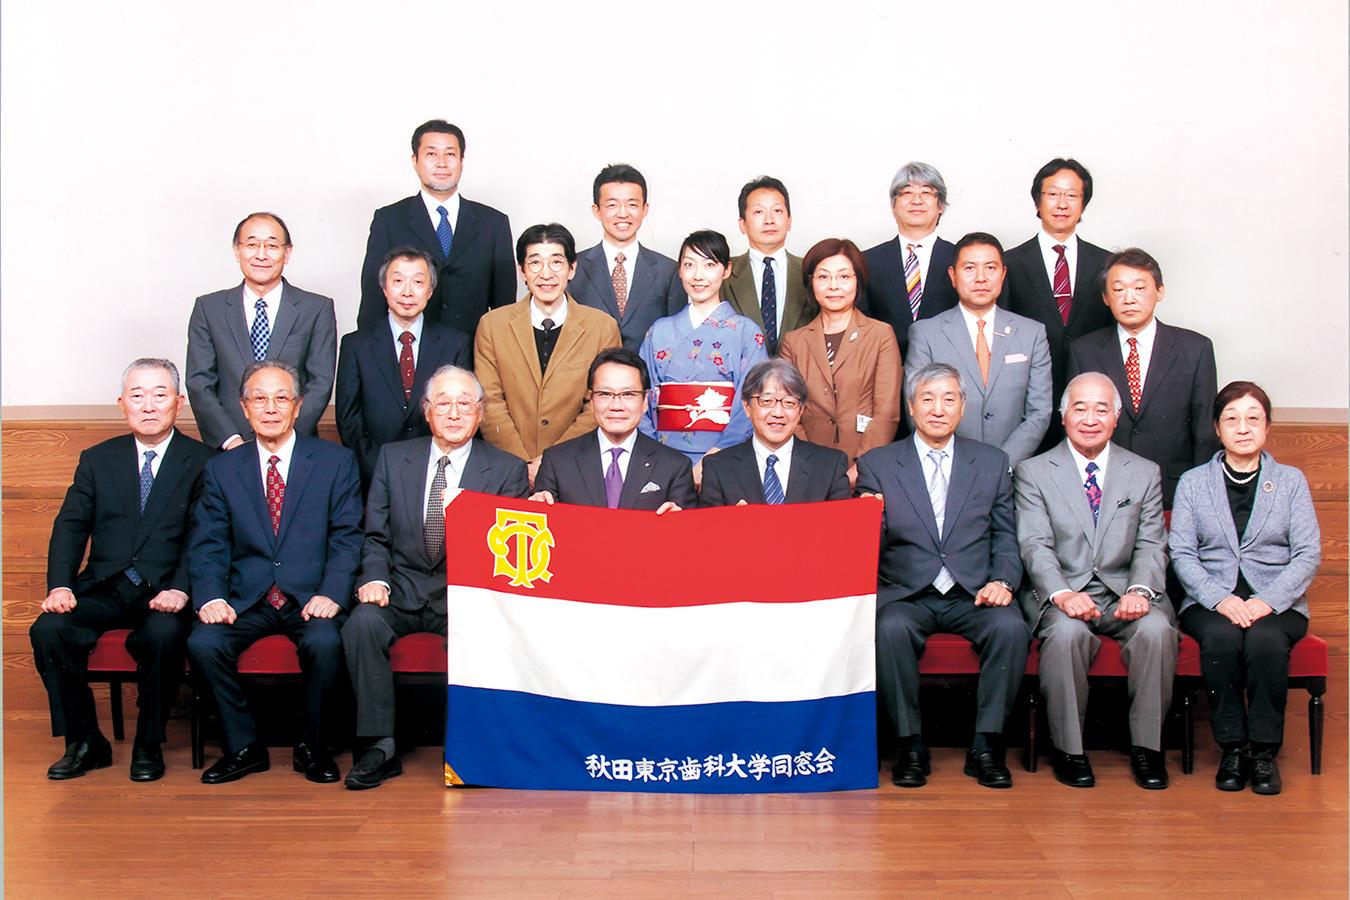 秋田県支部/平成28年度定時総会並びに学術研修会開催